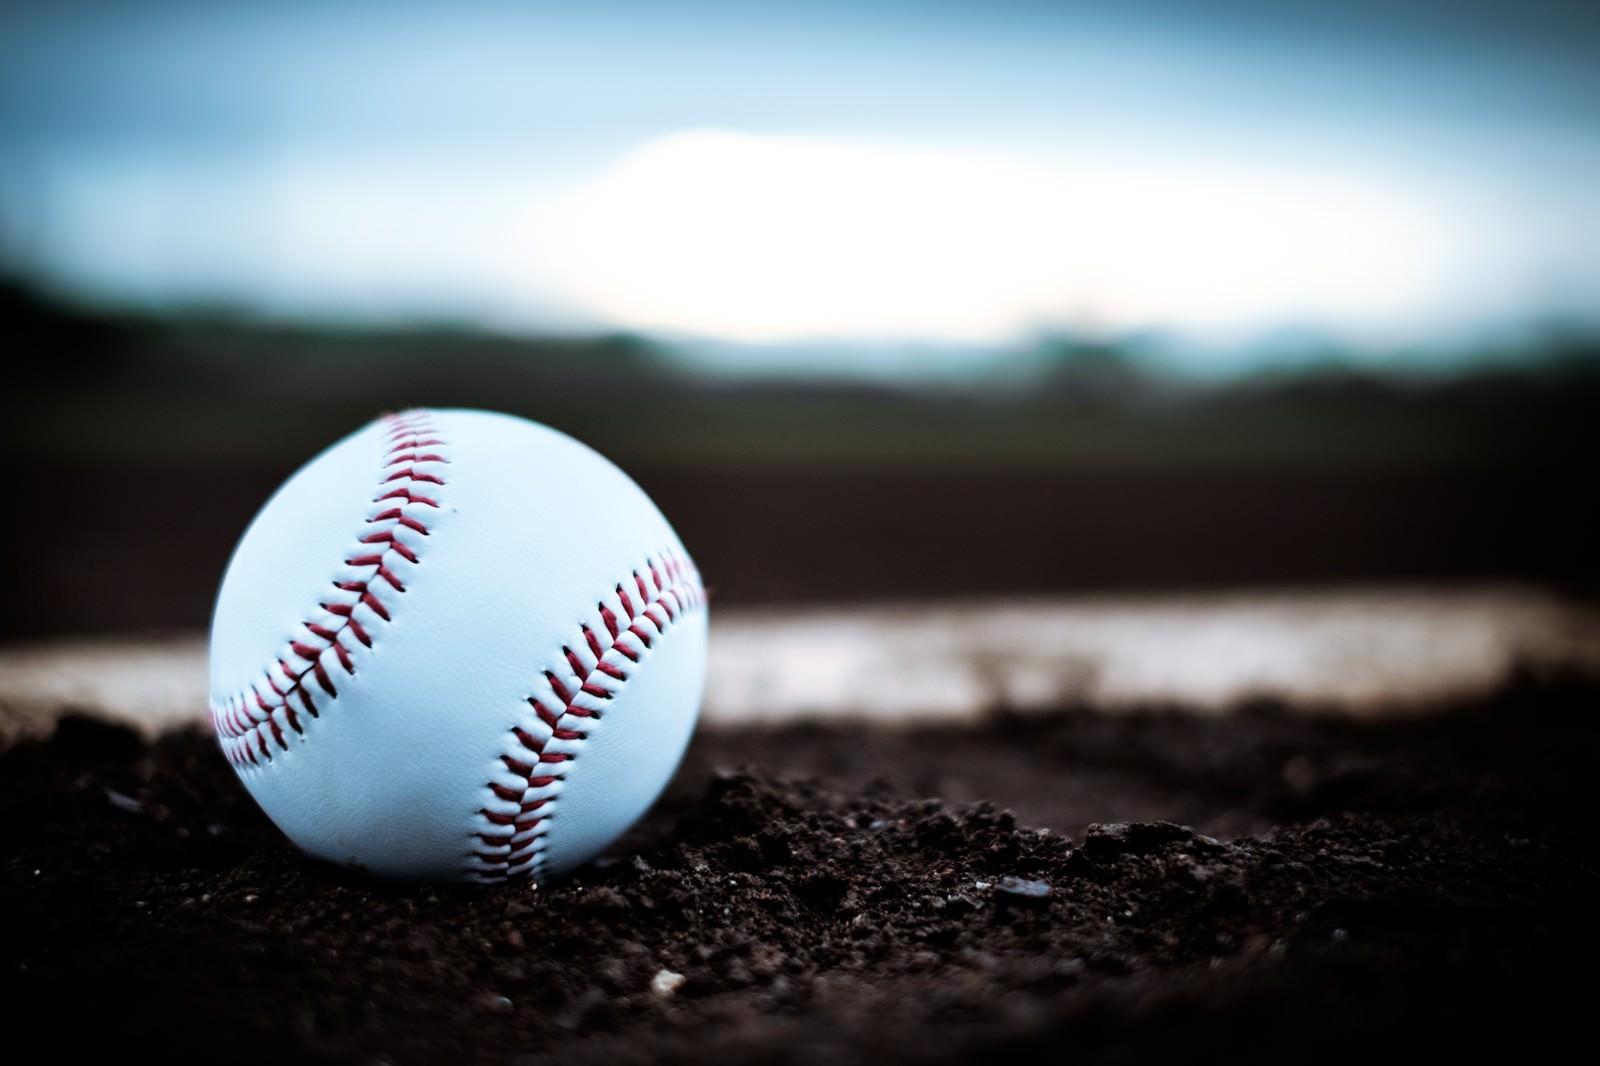 「マウンドに転がる硬球」の写真